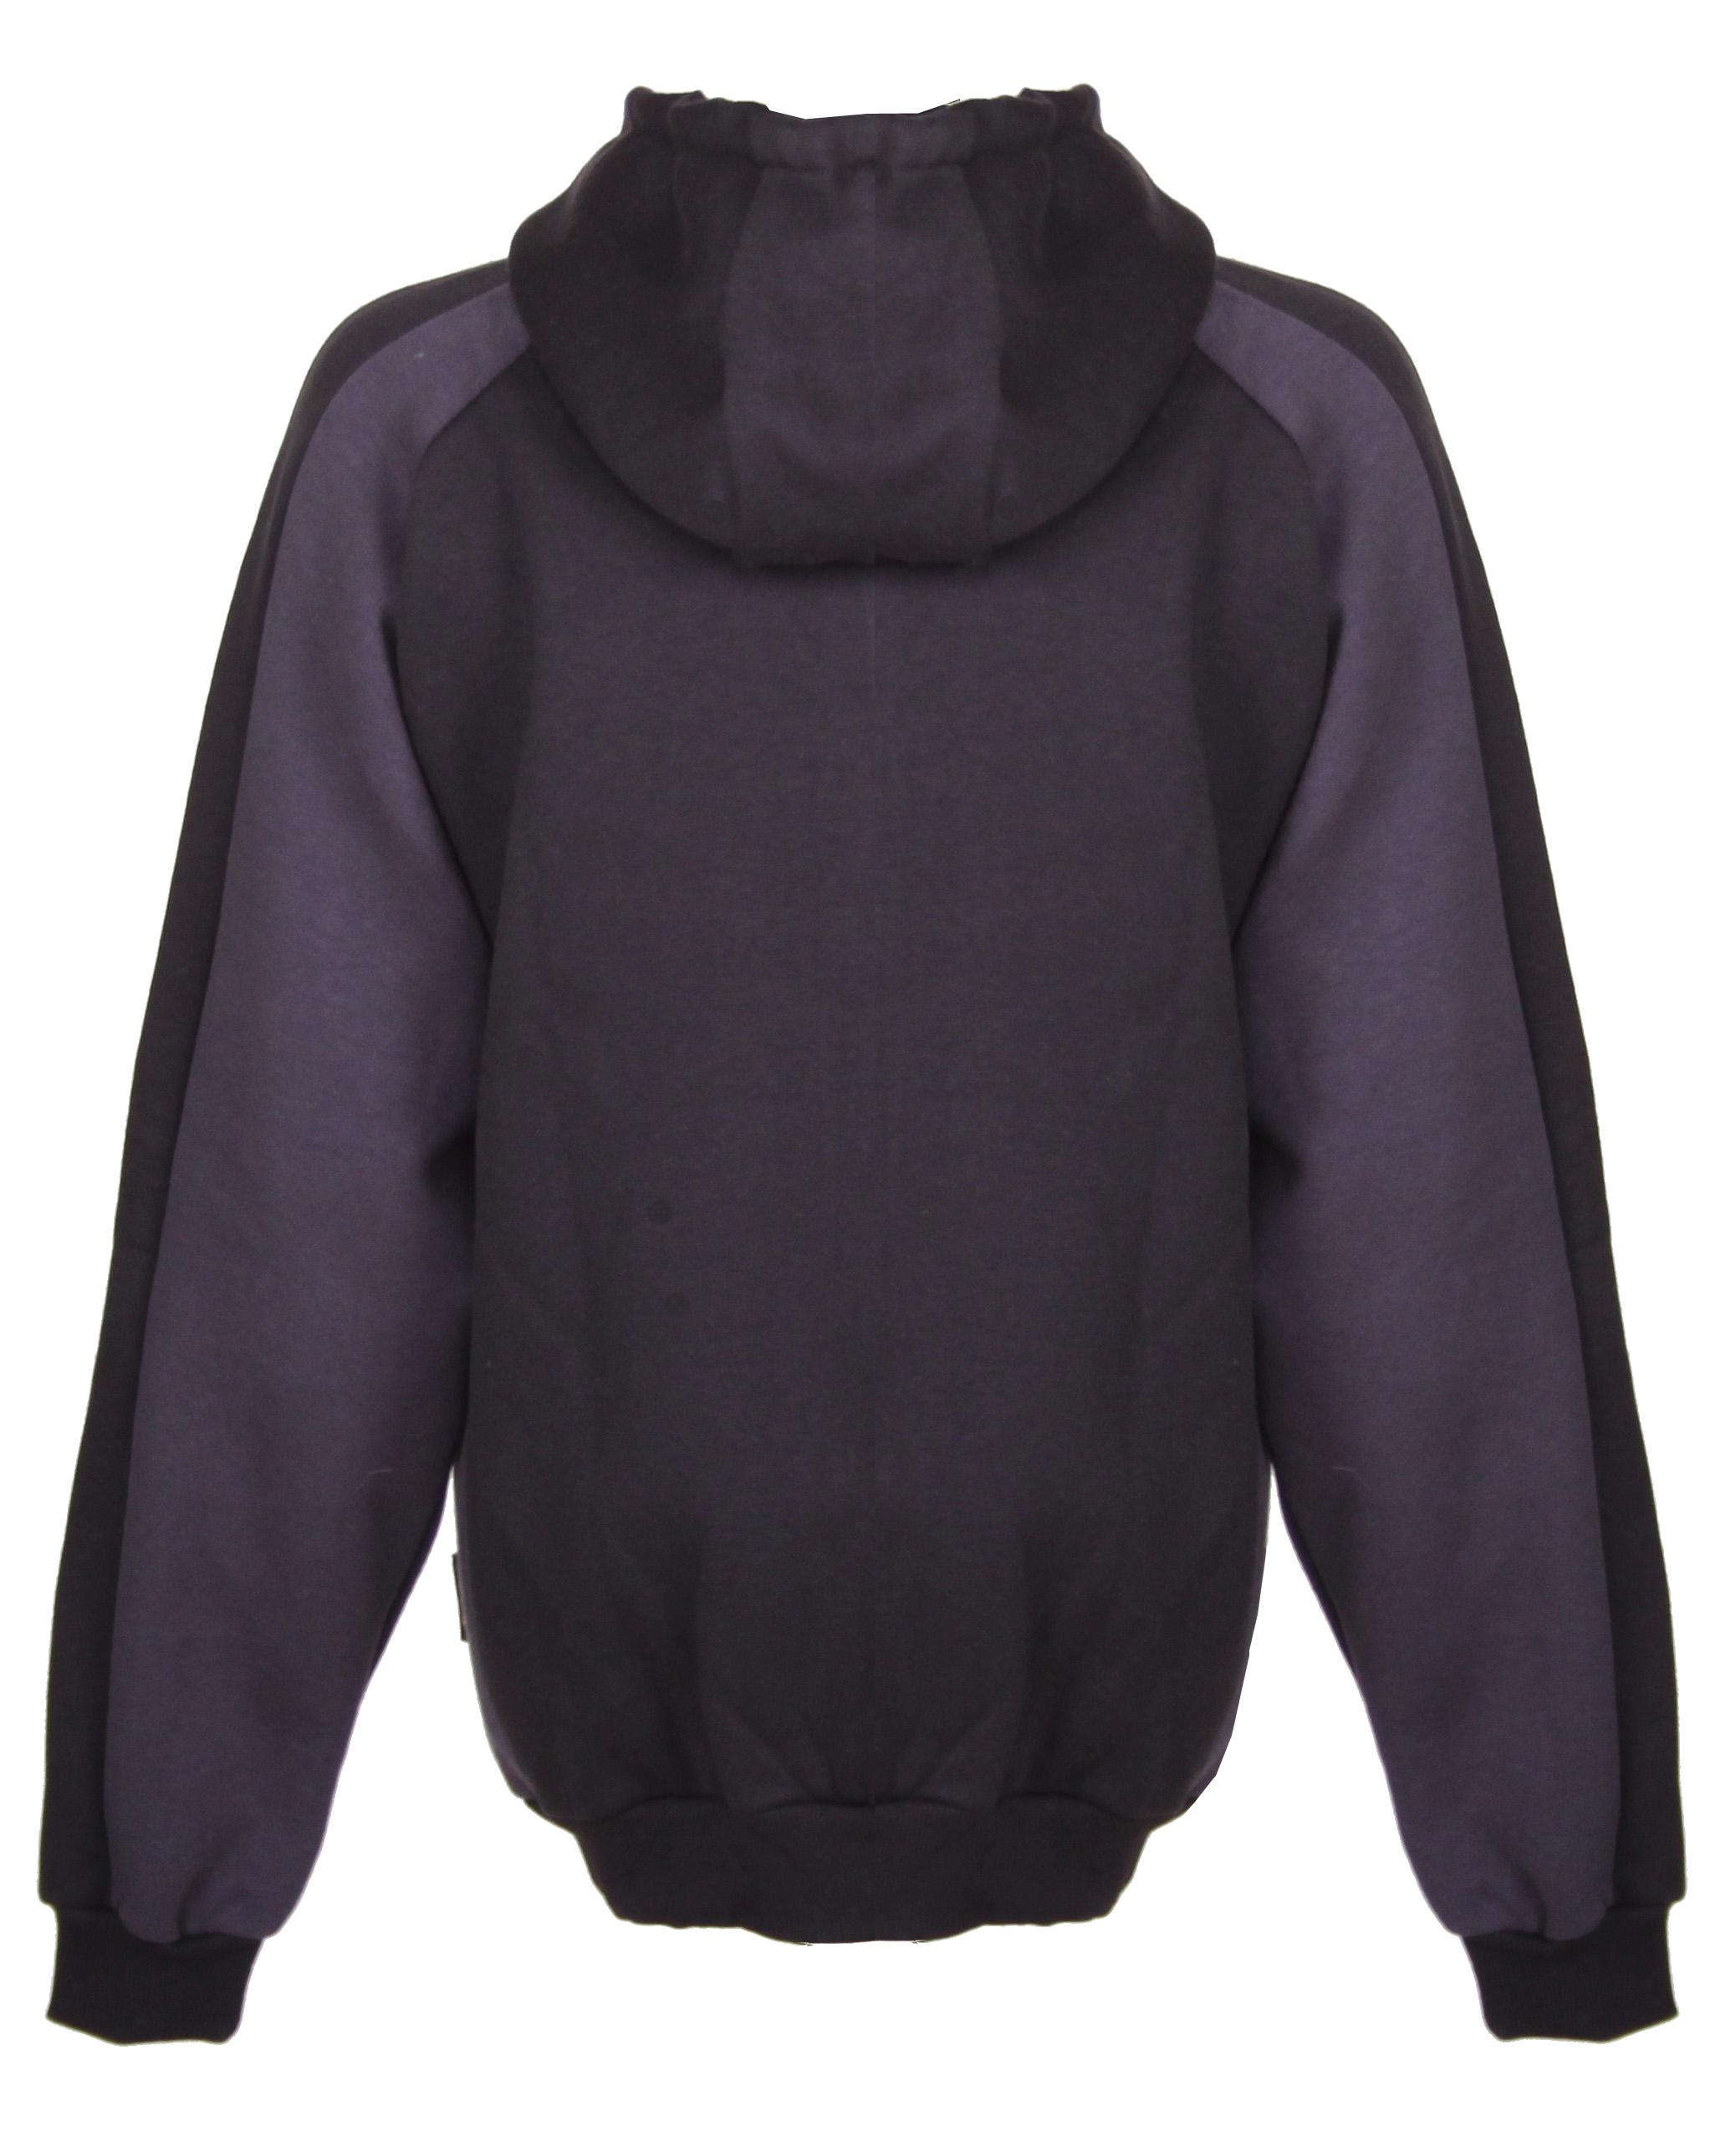 storvik-frank-sweater-zwart-achter